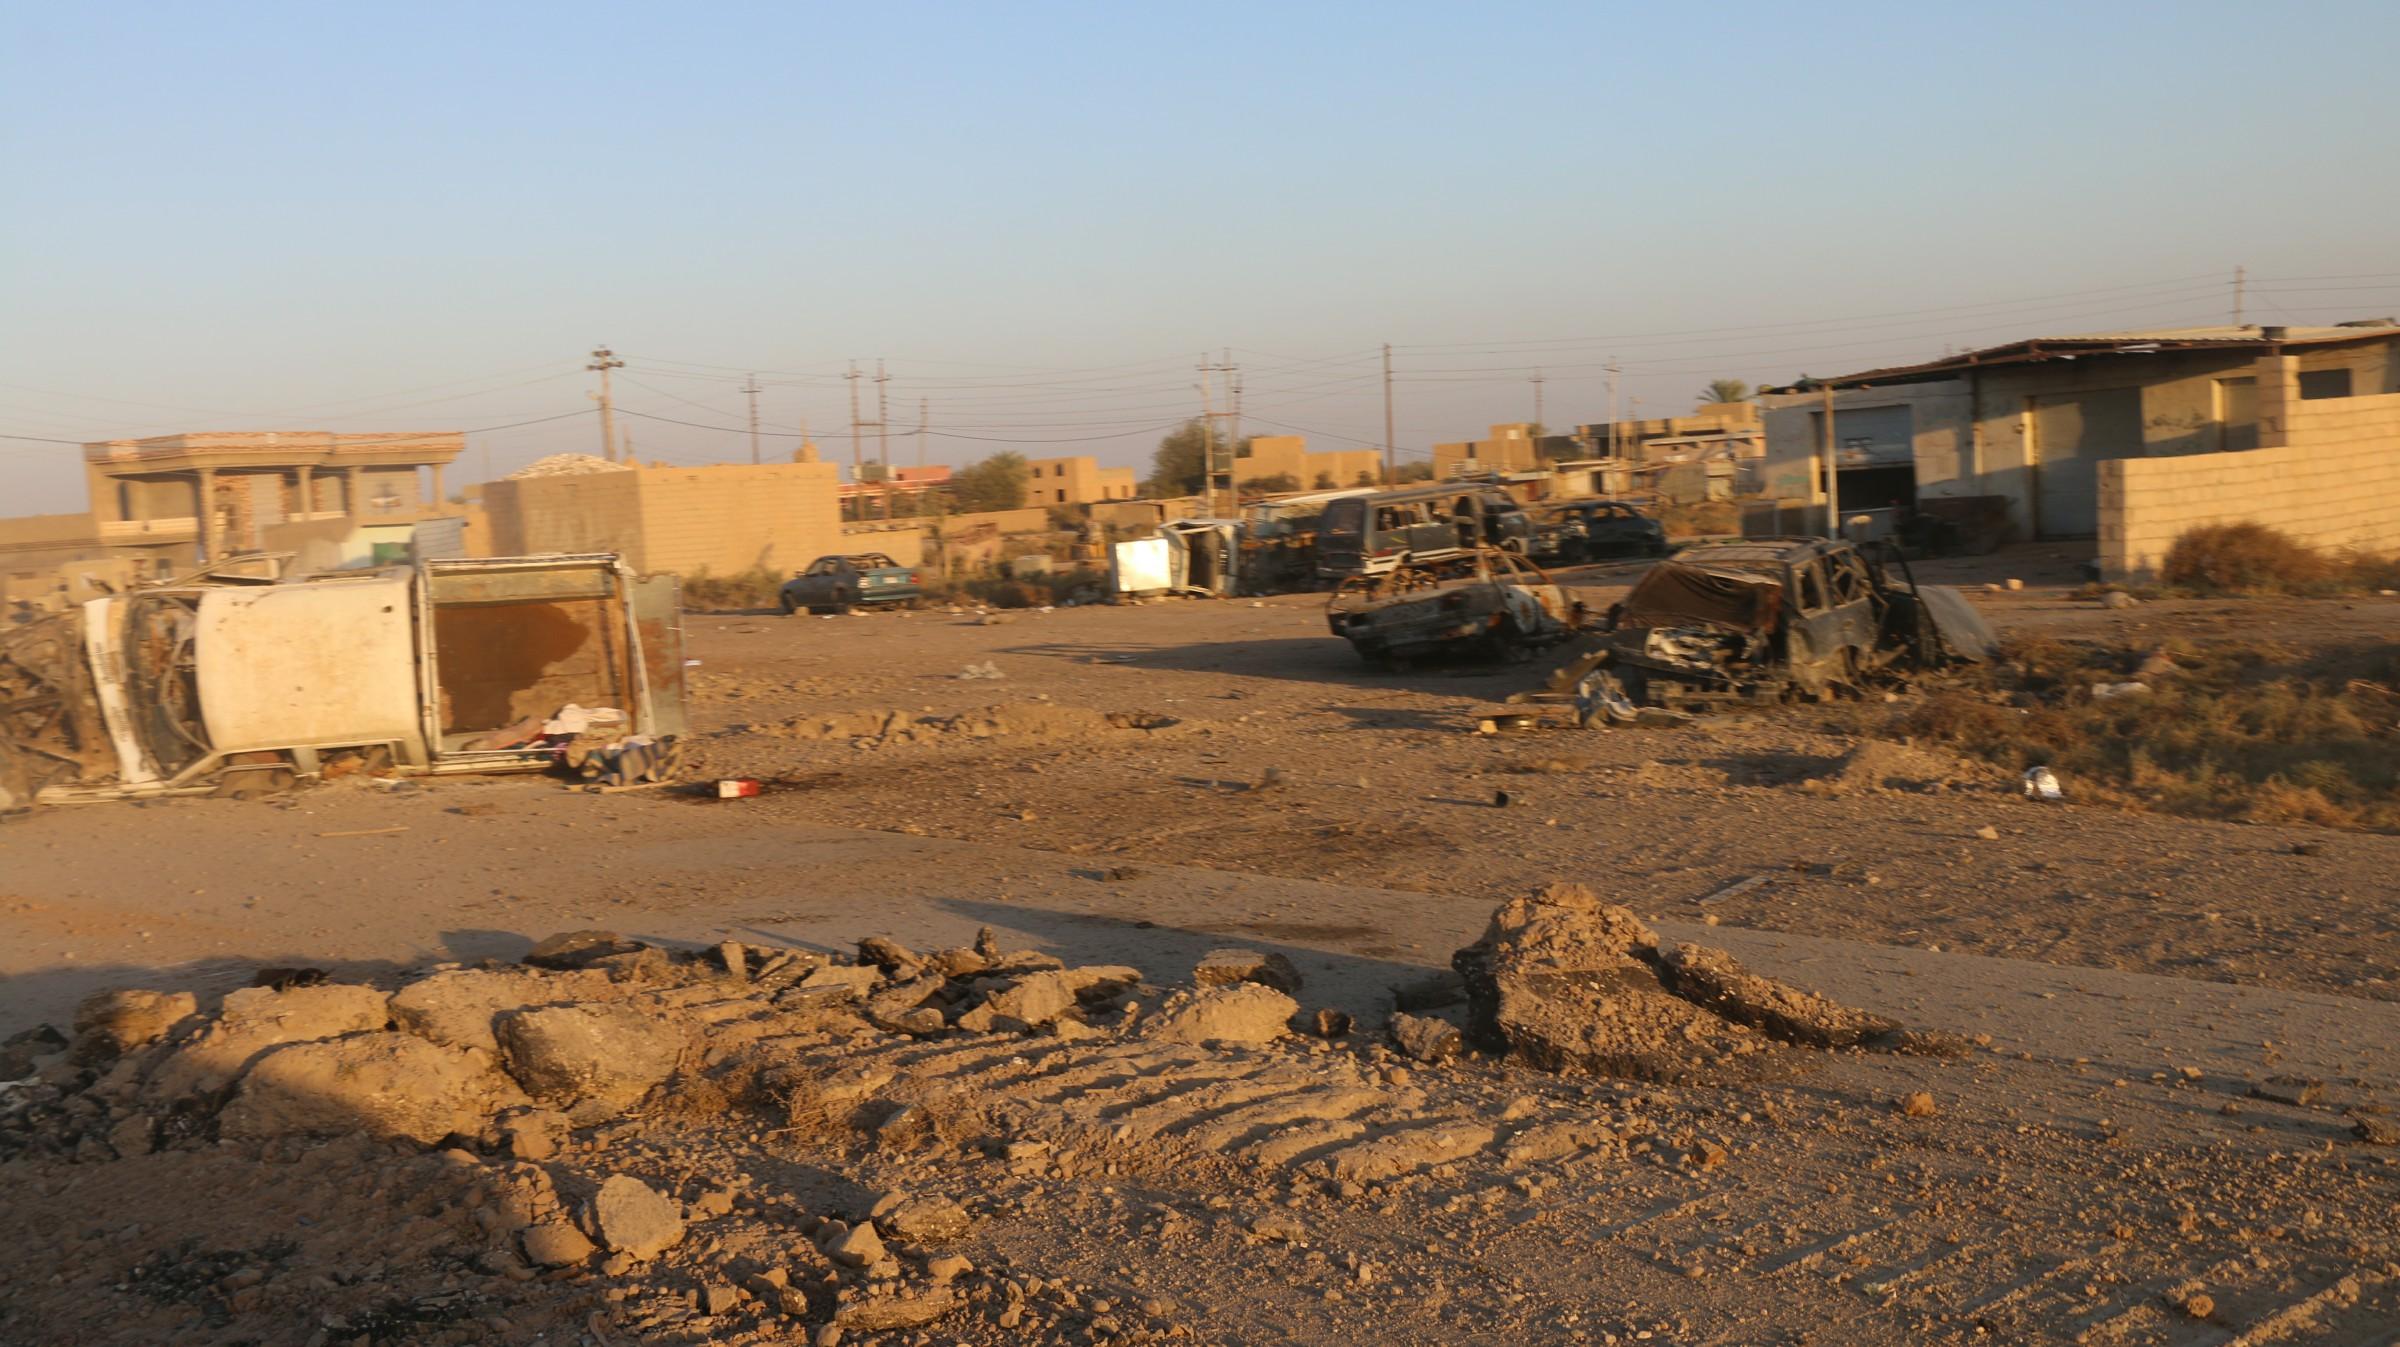 """مجلس القائم يعلن نسبة الدمار الذي لحق بالقضاء نتيجة العمليات """"الإرهابية"""" والعسكرية"""